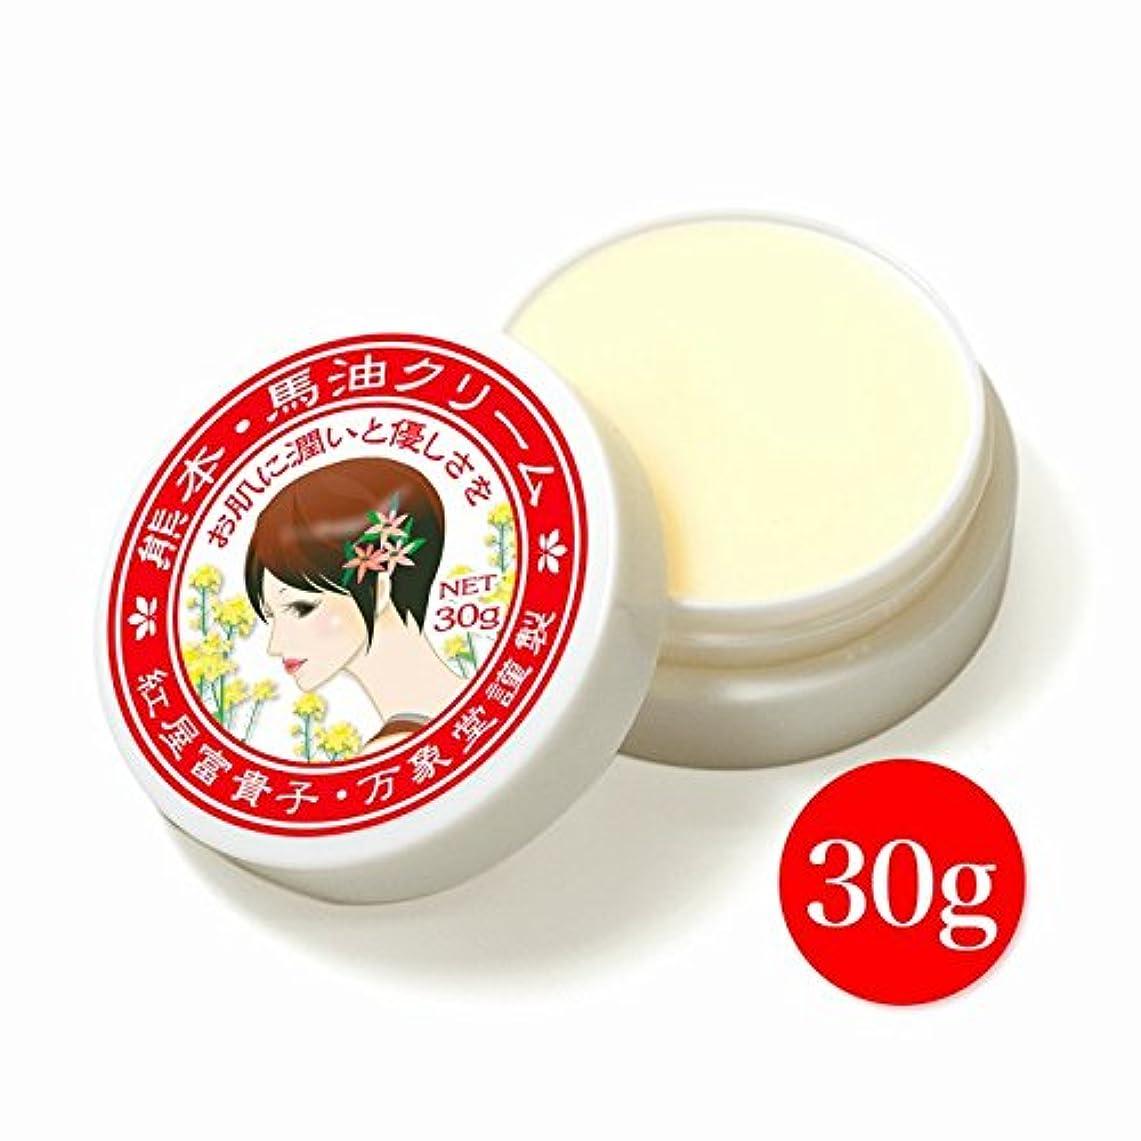 連合切り刻む条件付き森羅万象堂 馬油クリーム 30g (ラベンダーの香り)精油 アロマ 国産 保湿 スキンクリーム